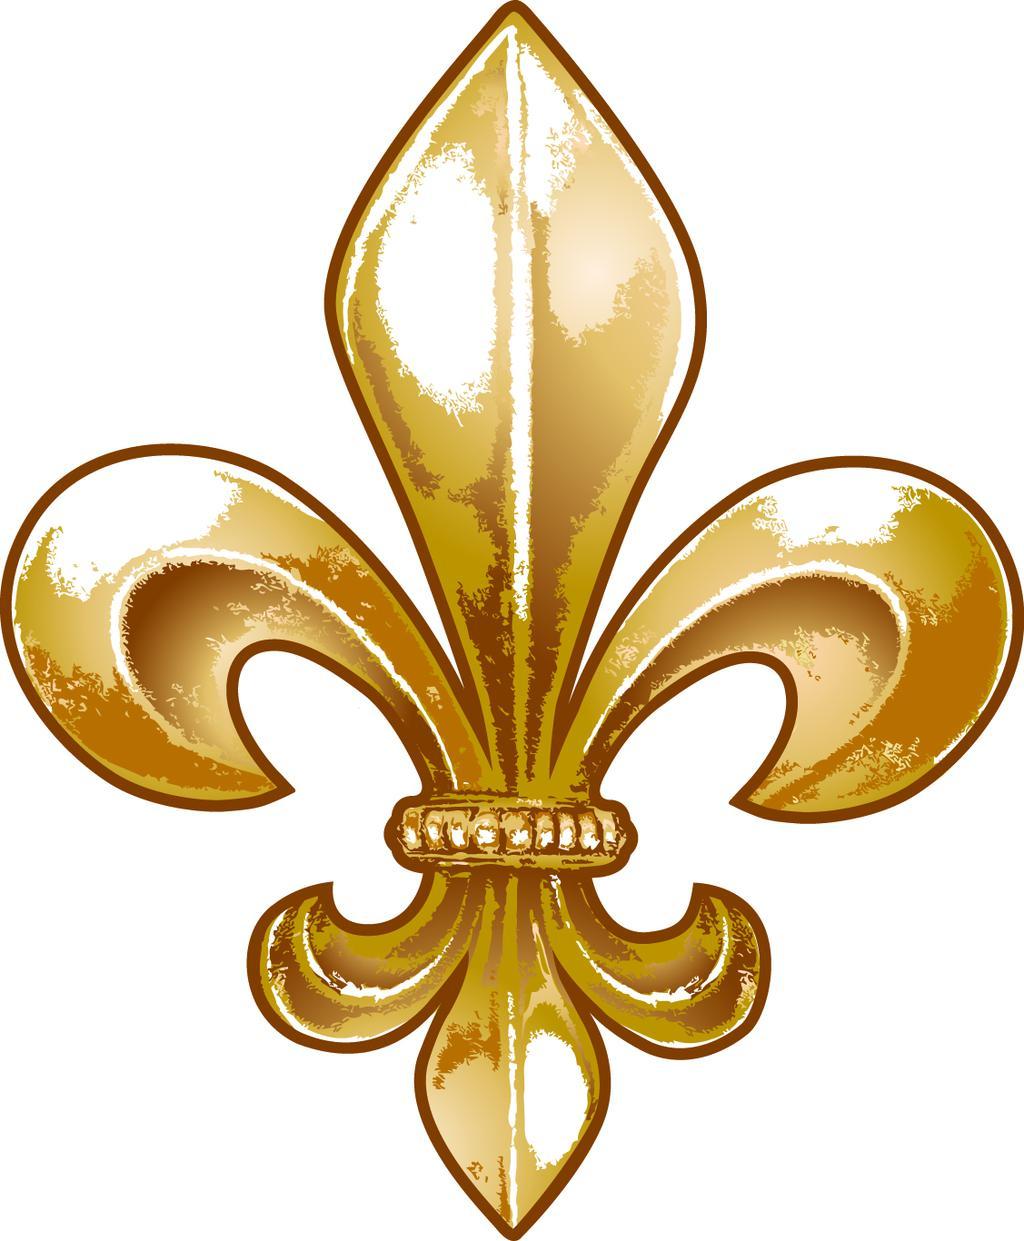 Gold fleur de lis clipart black and white Gold Fleur De Lis Clipart Abita Fluer - Clipart1001 - Free Cliparts black and white